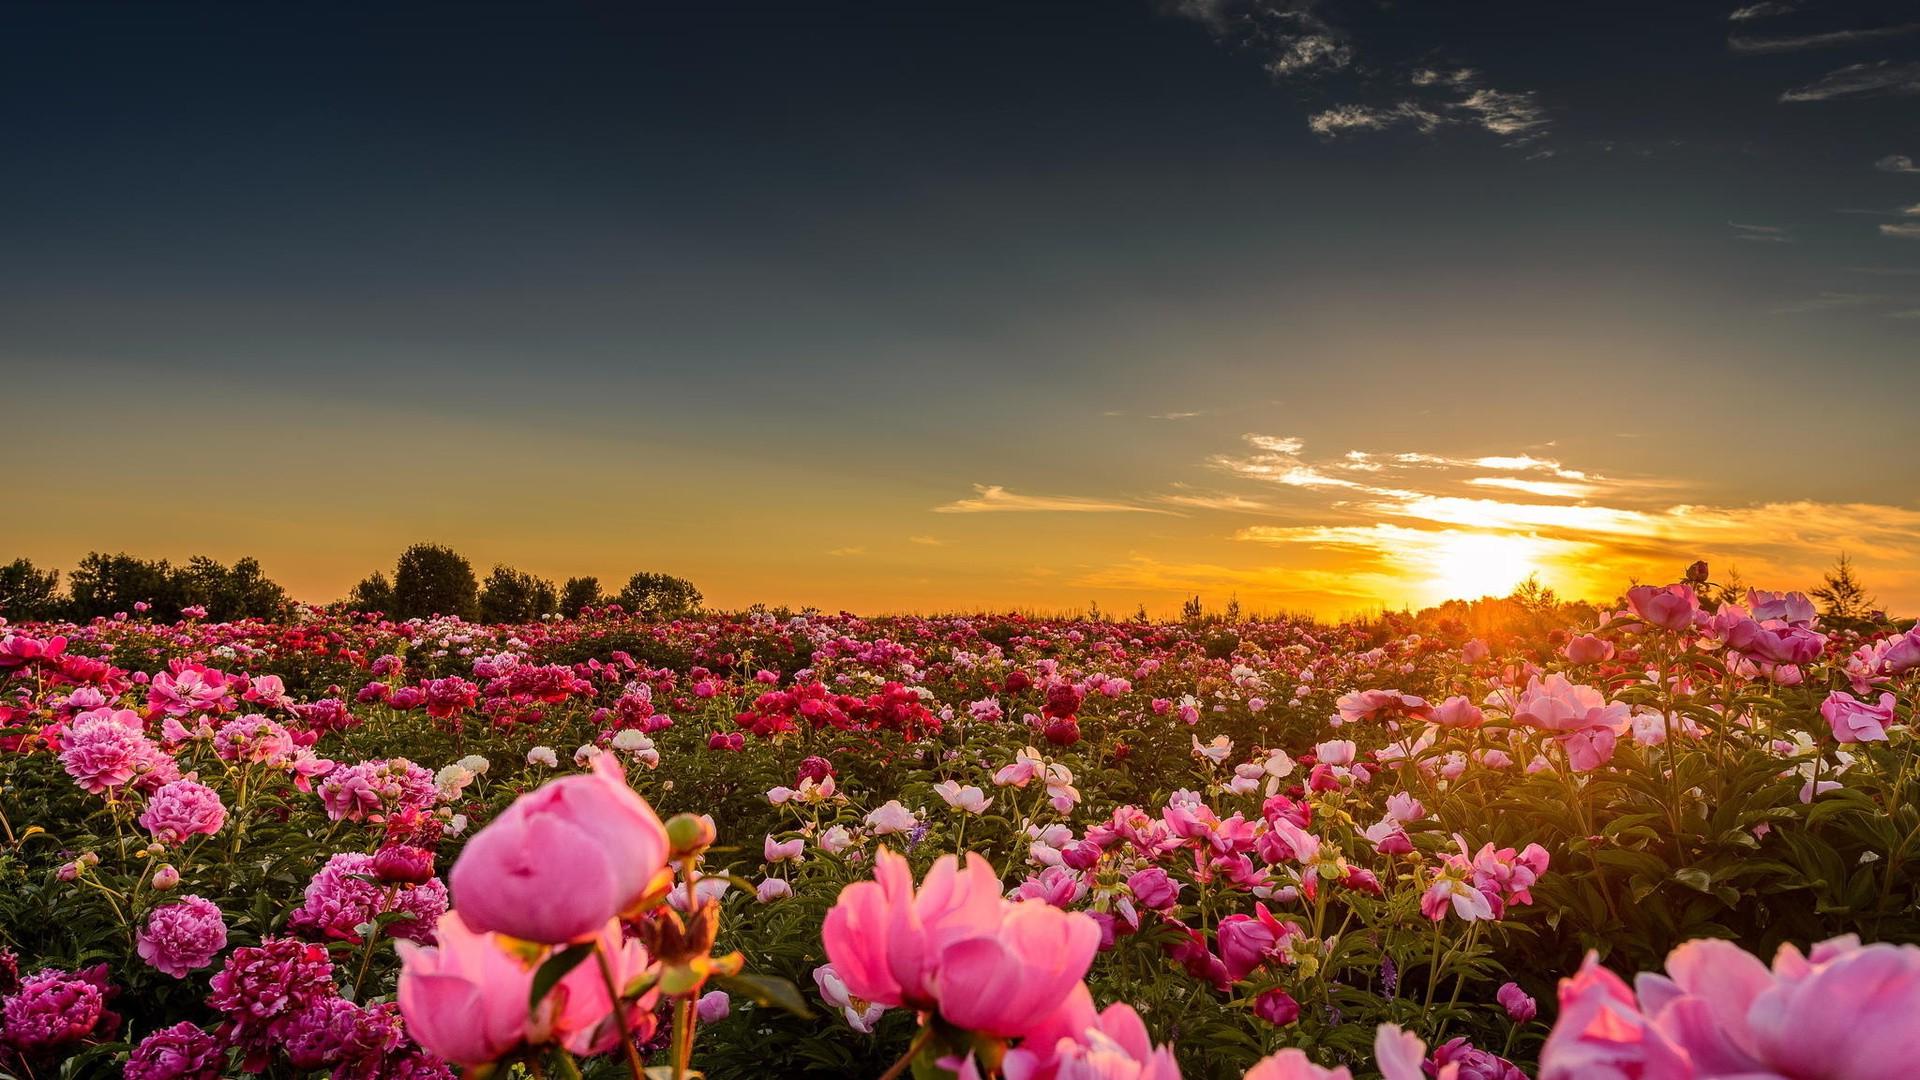 Cute Poppy 1080p Wallpaper Fond D 233 Cran Lumi 232 Re Du Soleil Paysage Le Coucher Du